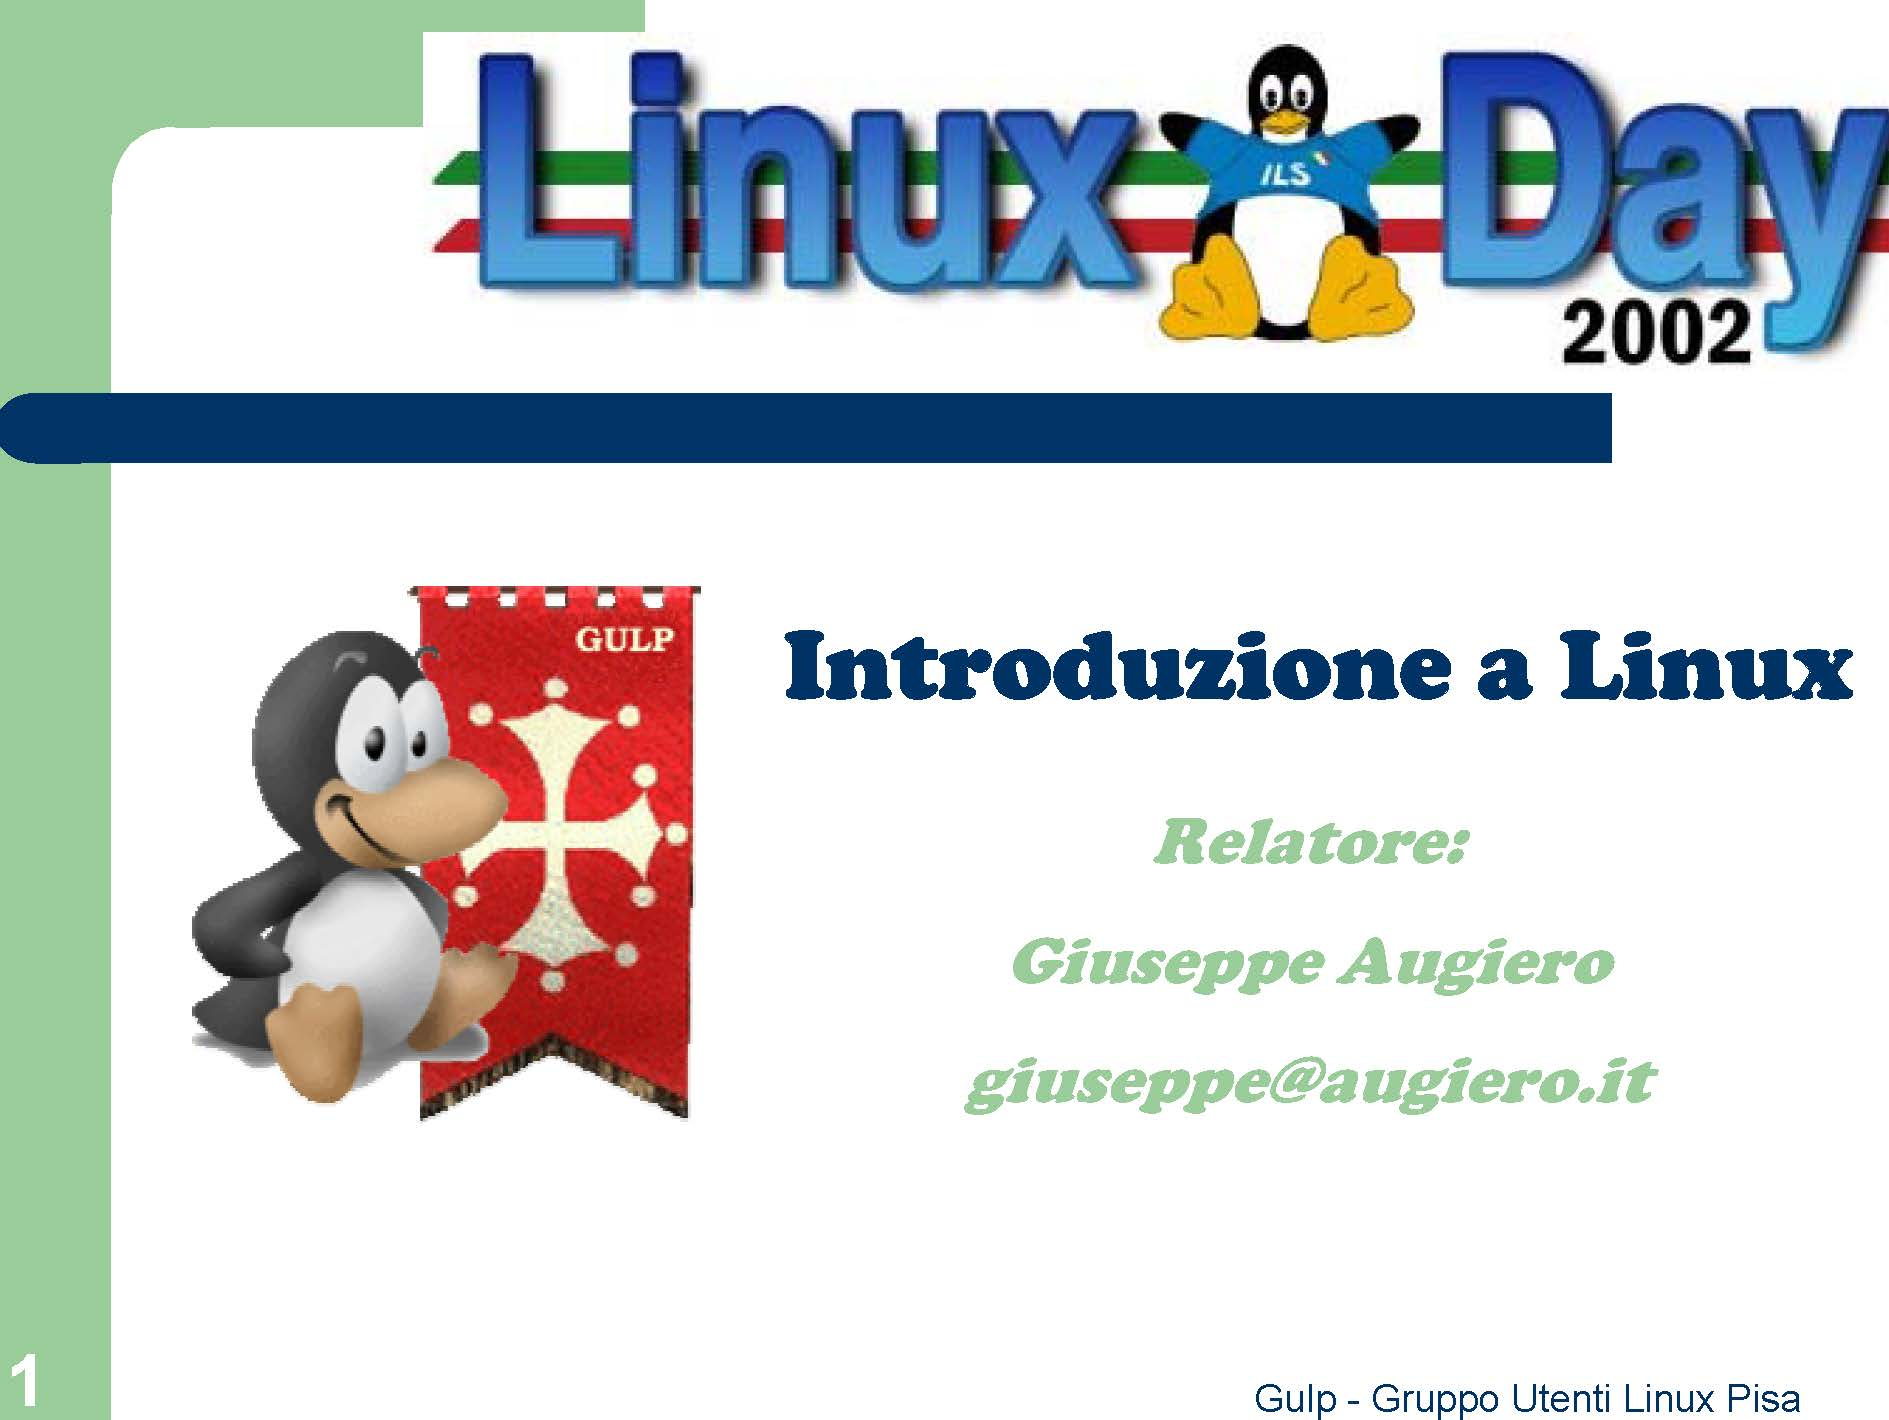 Slide: Introduzione a Linux